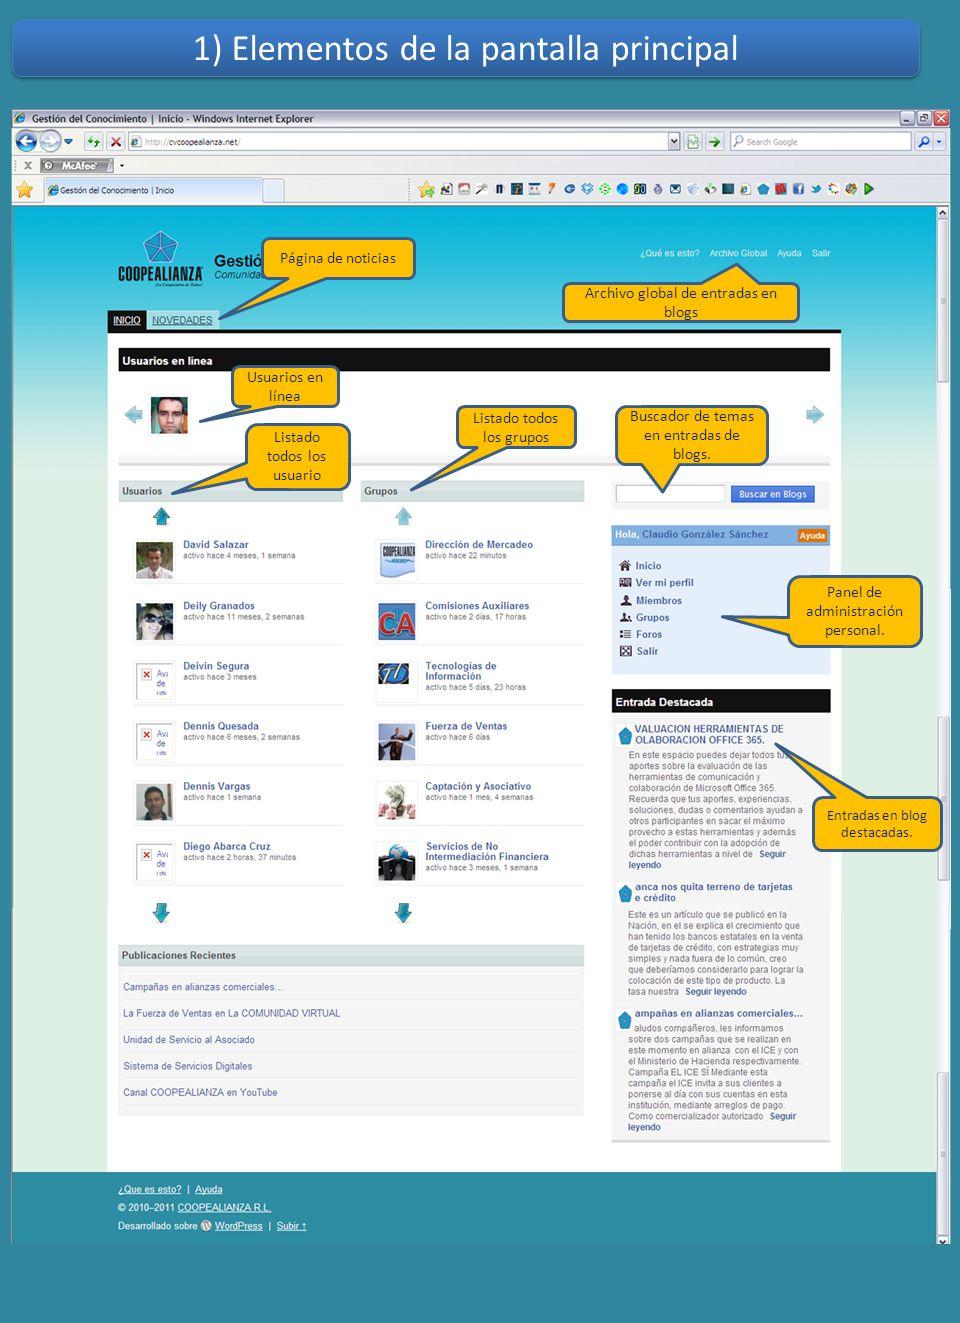 Usuarios en línea Página de noticias Archivo global de entradas en blogs Listado todos los usuario Listado todos los grupos Panel de administración pe